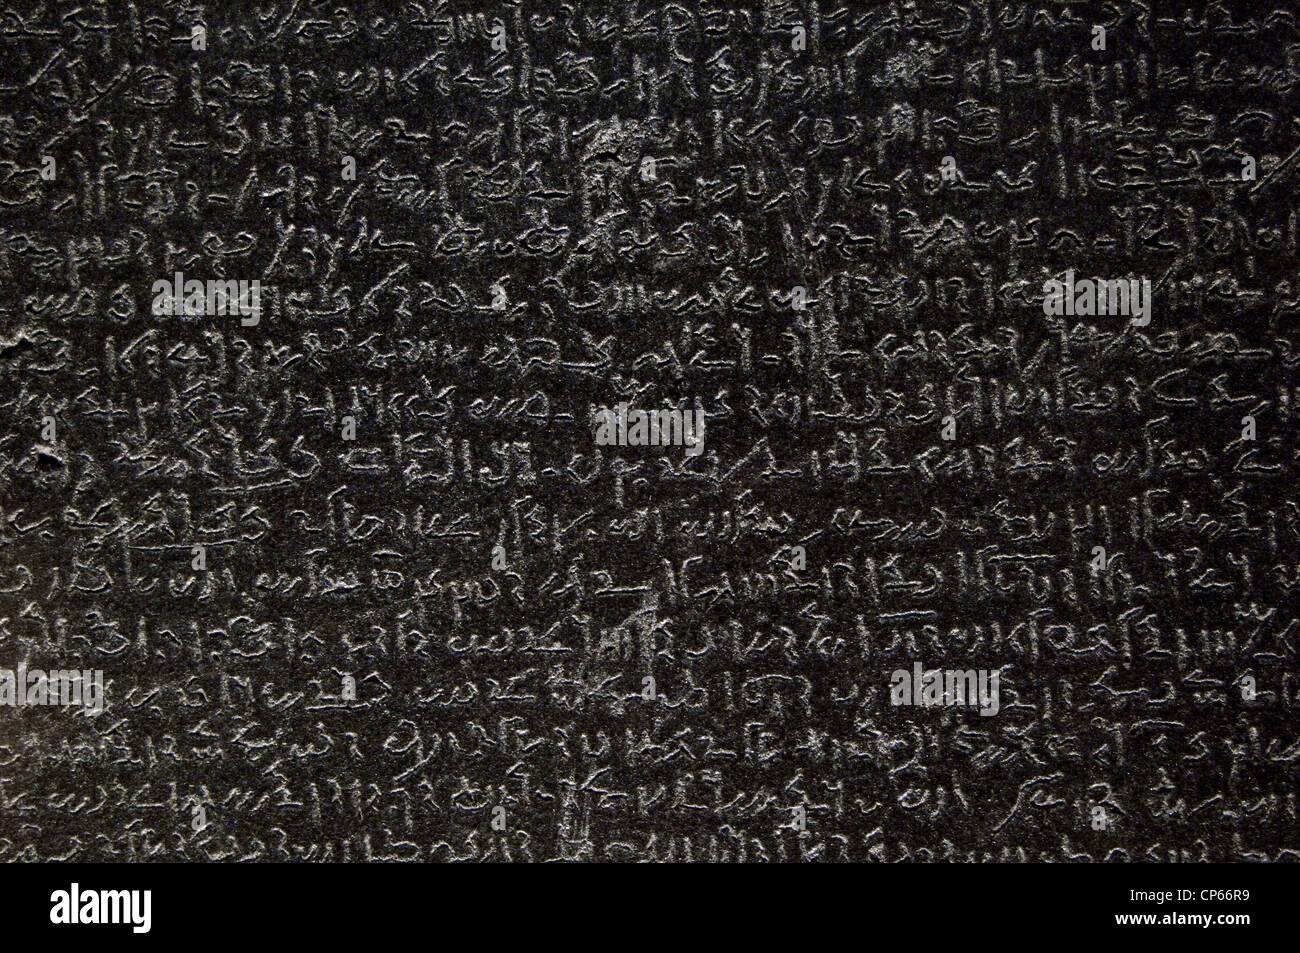 The Rosetta Stone. Ptolemaic era. 196 BC. Demotic scripture. Detail. - Stock Image